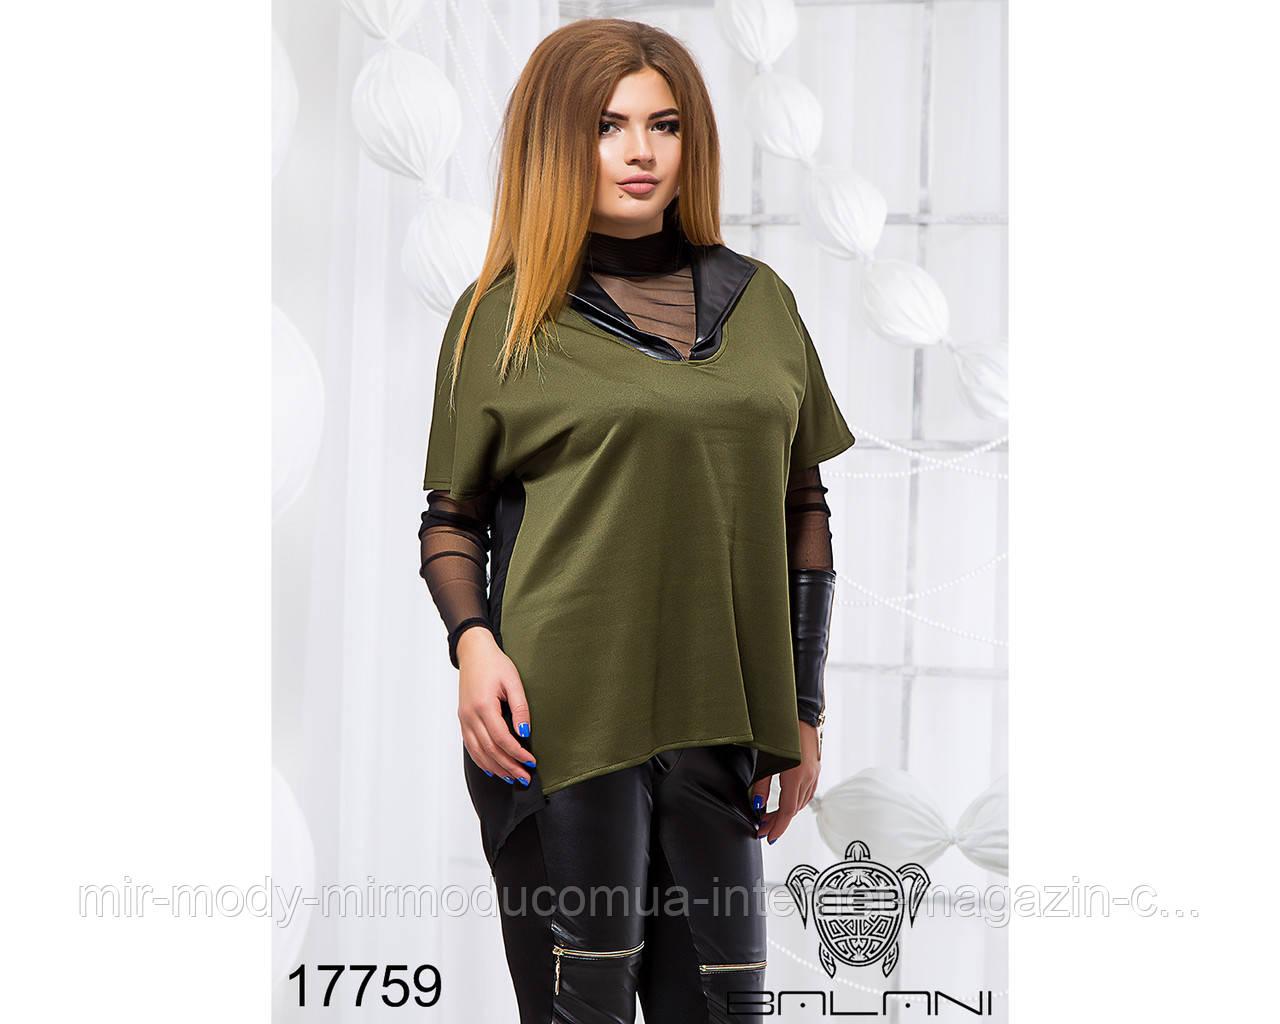 Стильный костюм тройка - 17759 (б-ни)